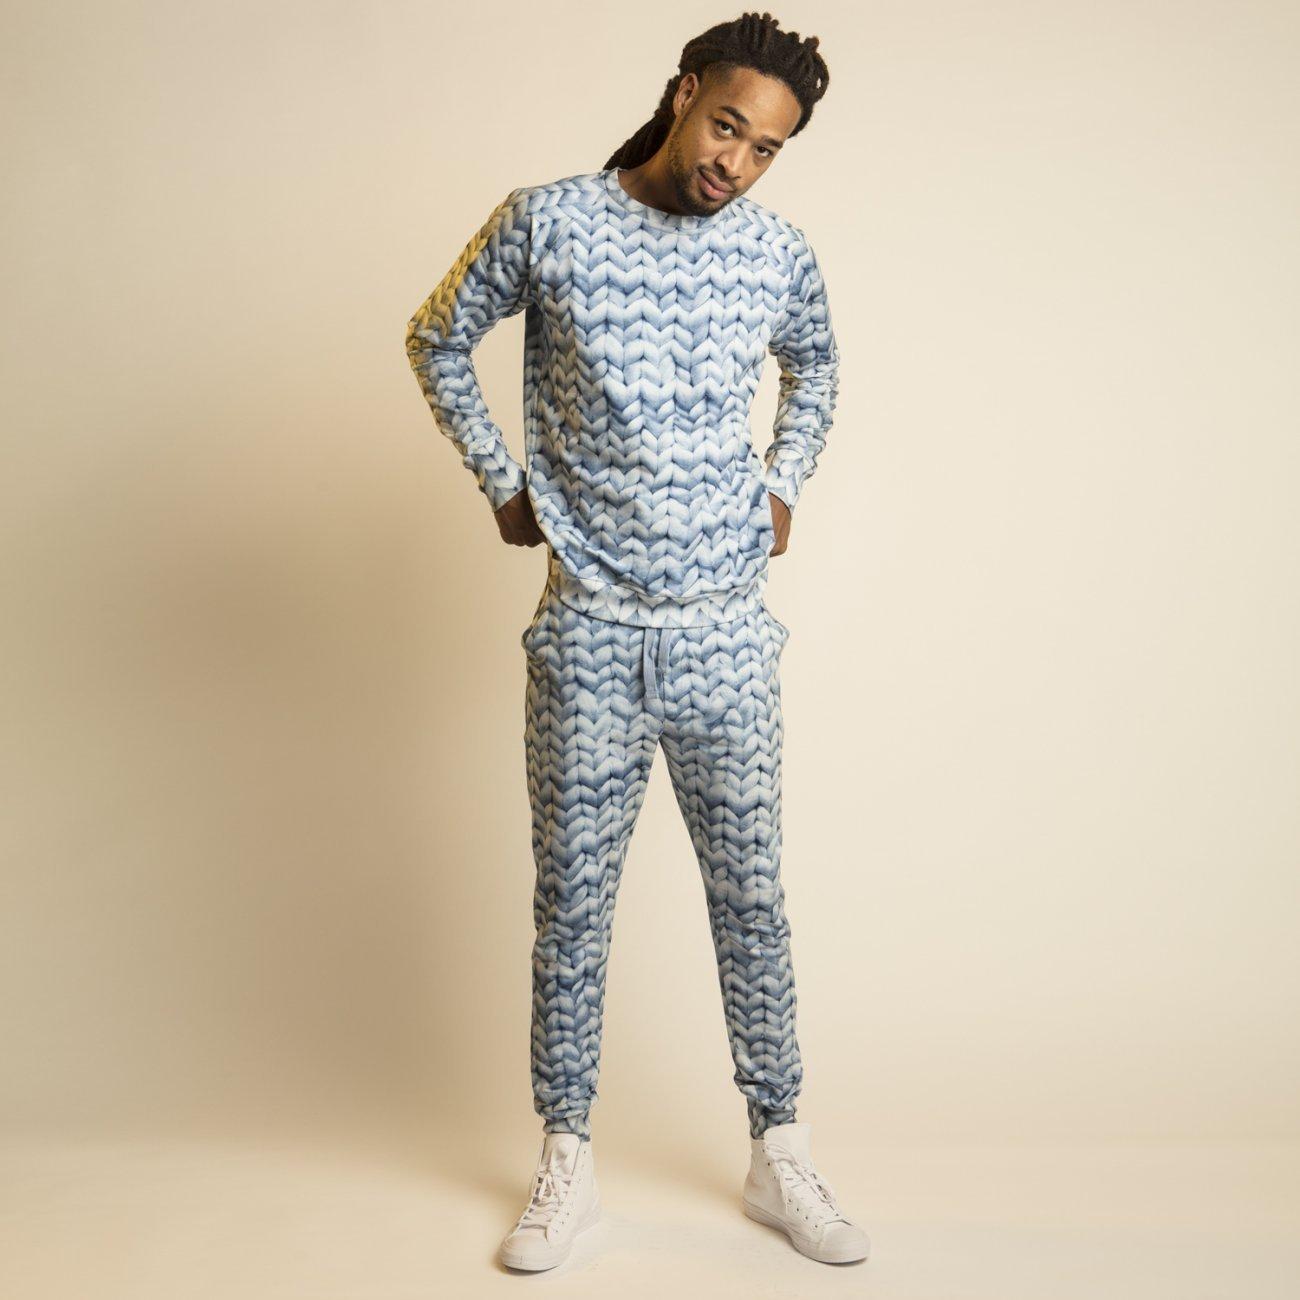 Snurk Homewear  Twirre blauw broek heren